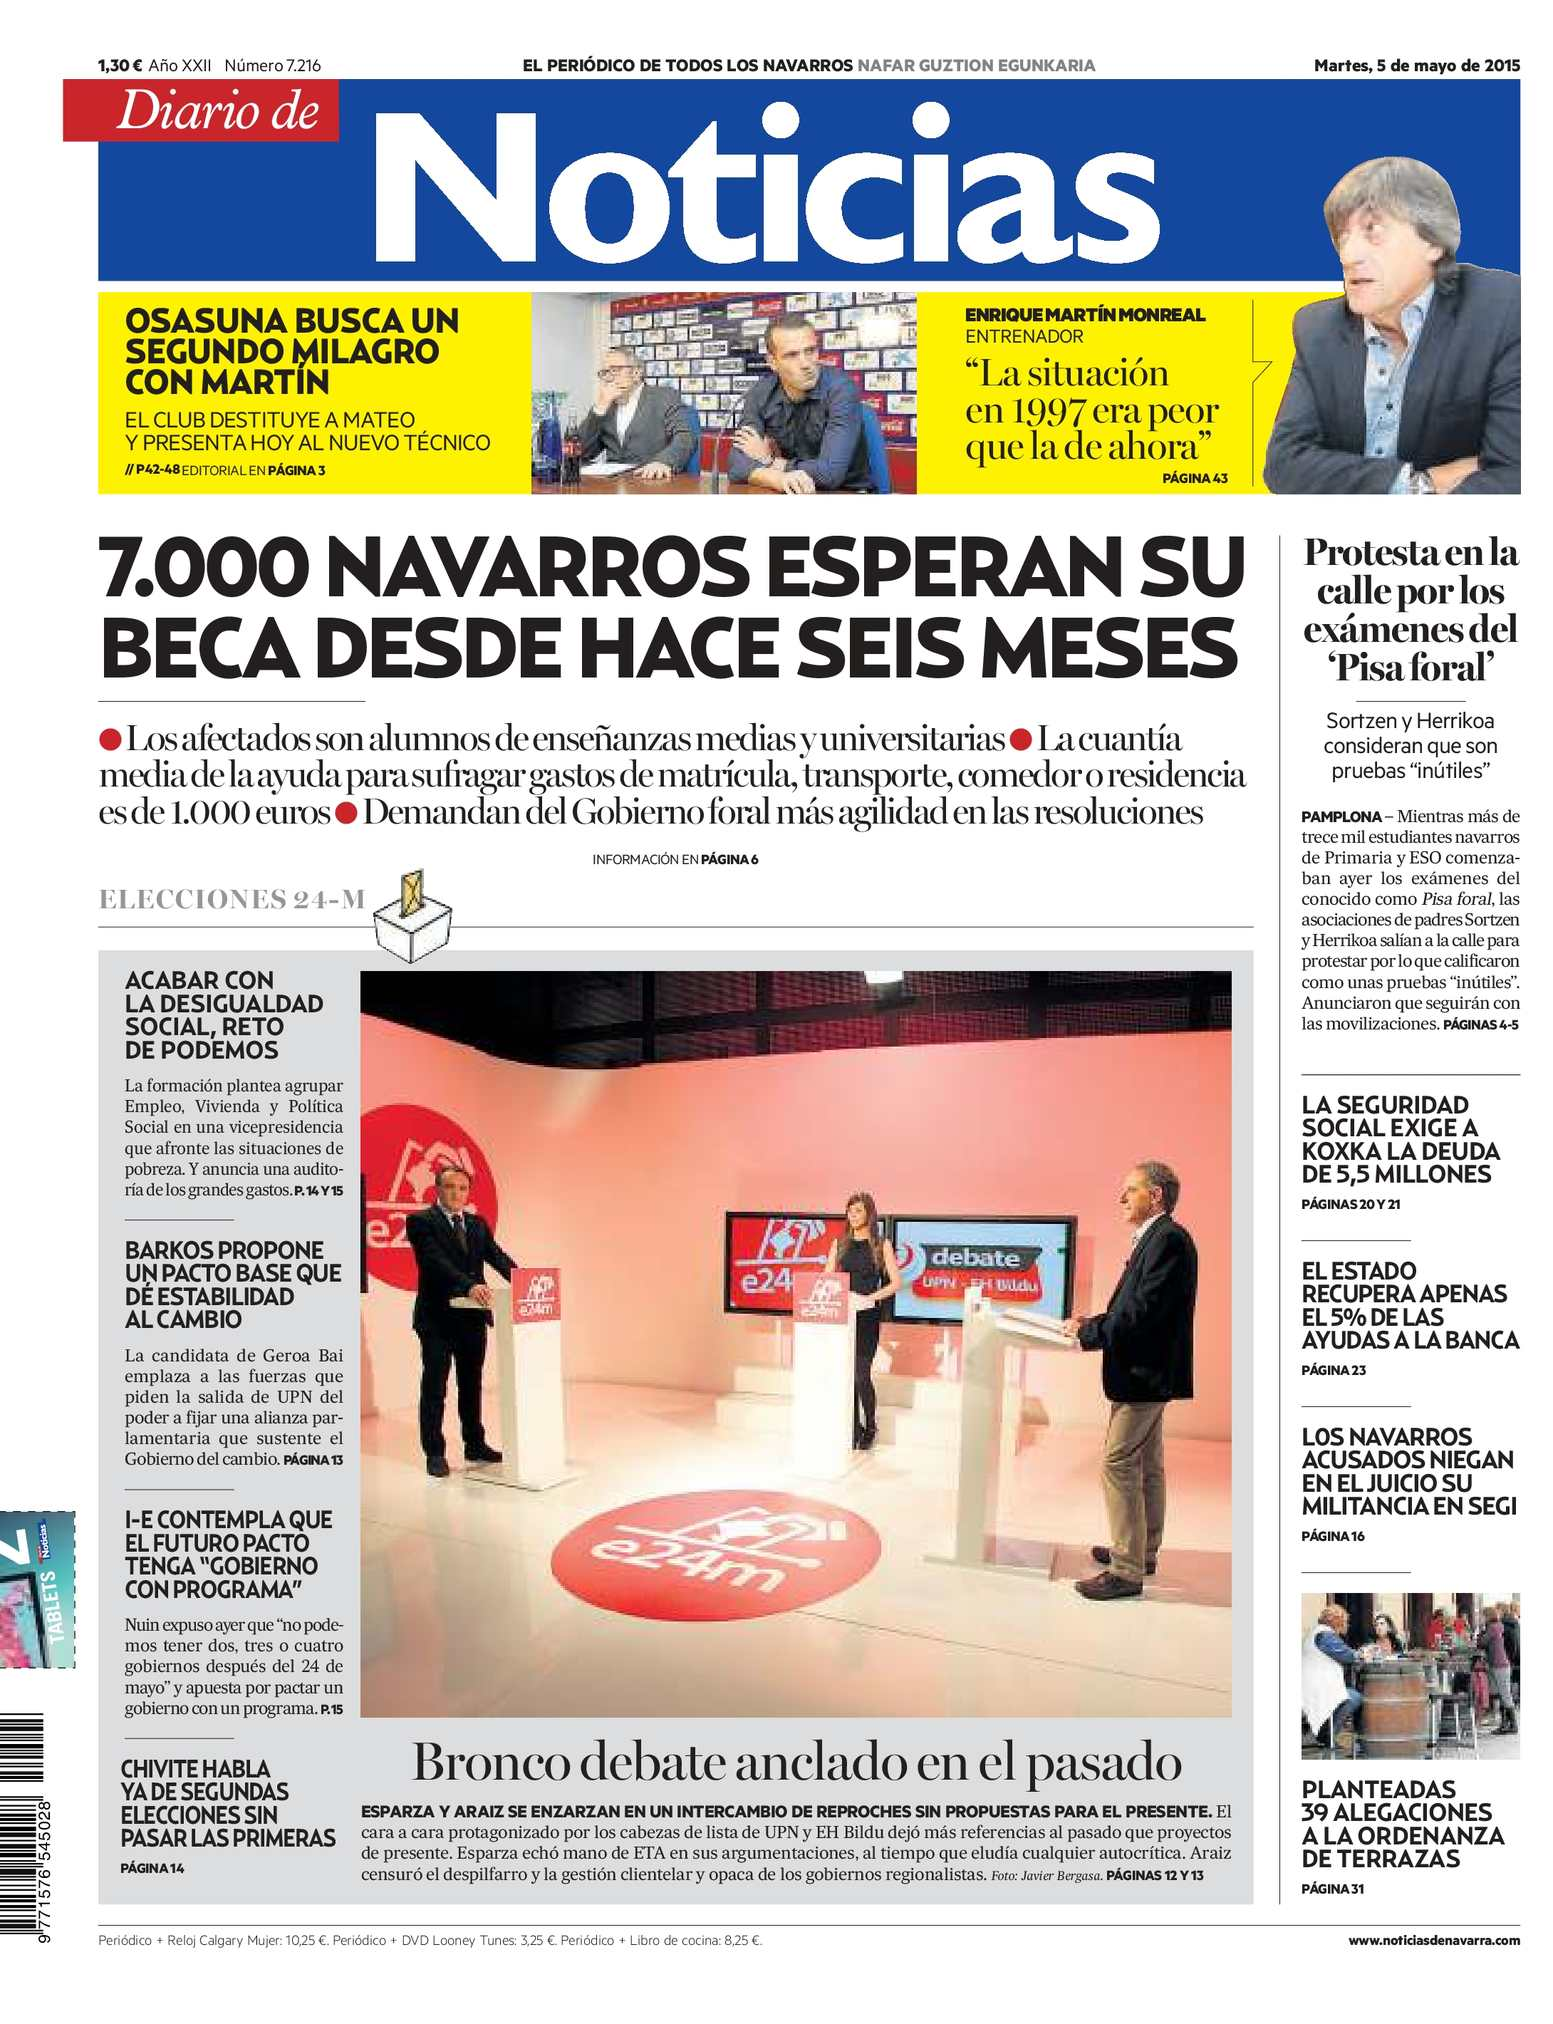 Calaméo - Diario de Noticias 20150505 722e2b6c246